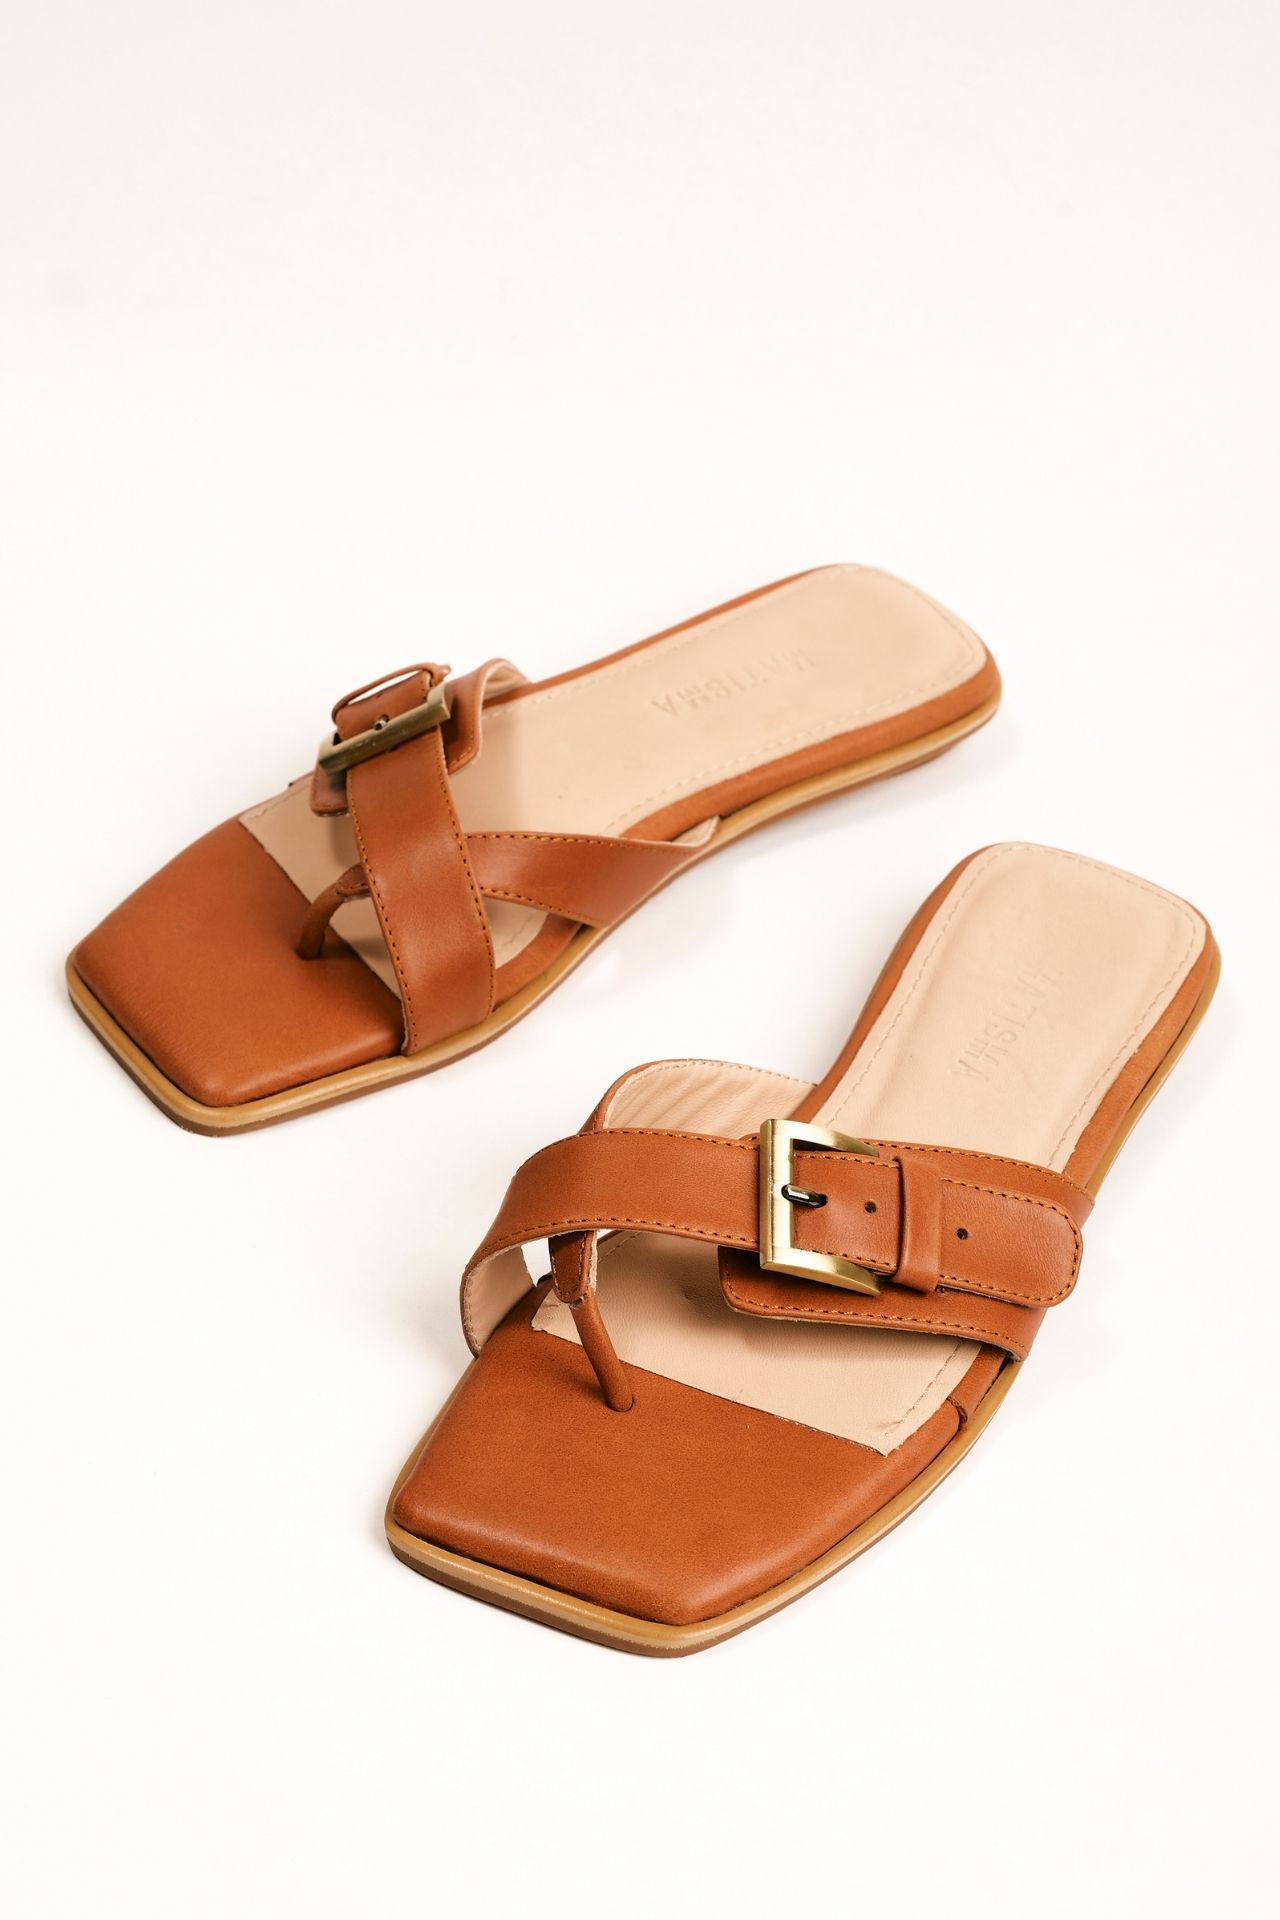 Sandalias de cuero negro con una hebilla.  Material: capellada: cuero natural y forro: badana natural  La horma es exacta, es la talla que usas normalmente.